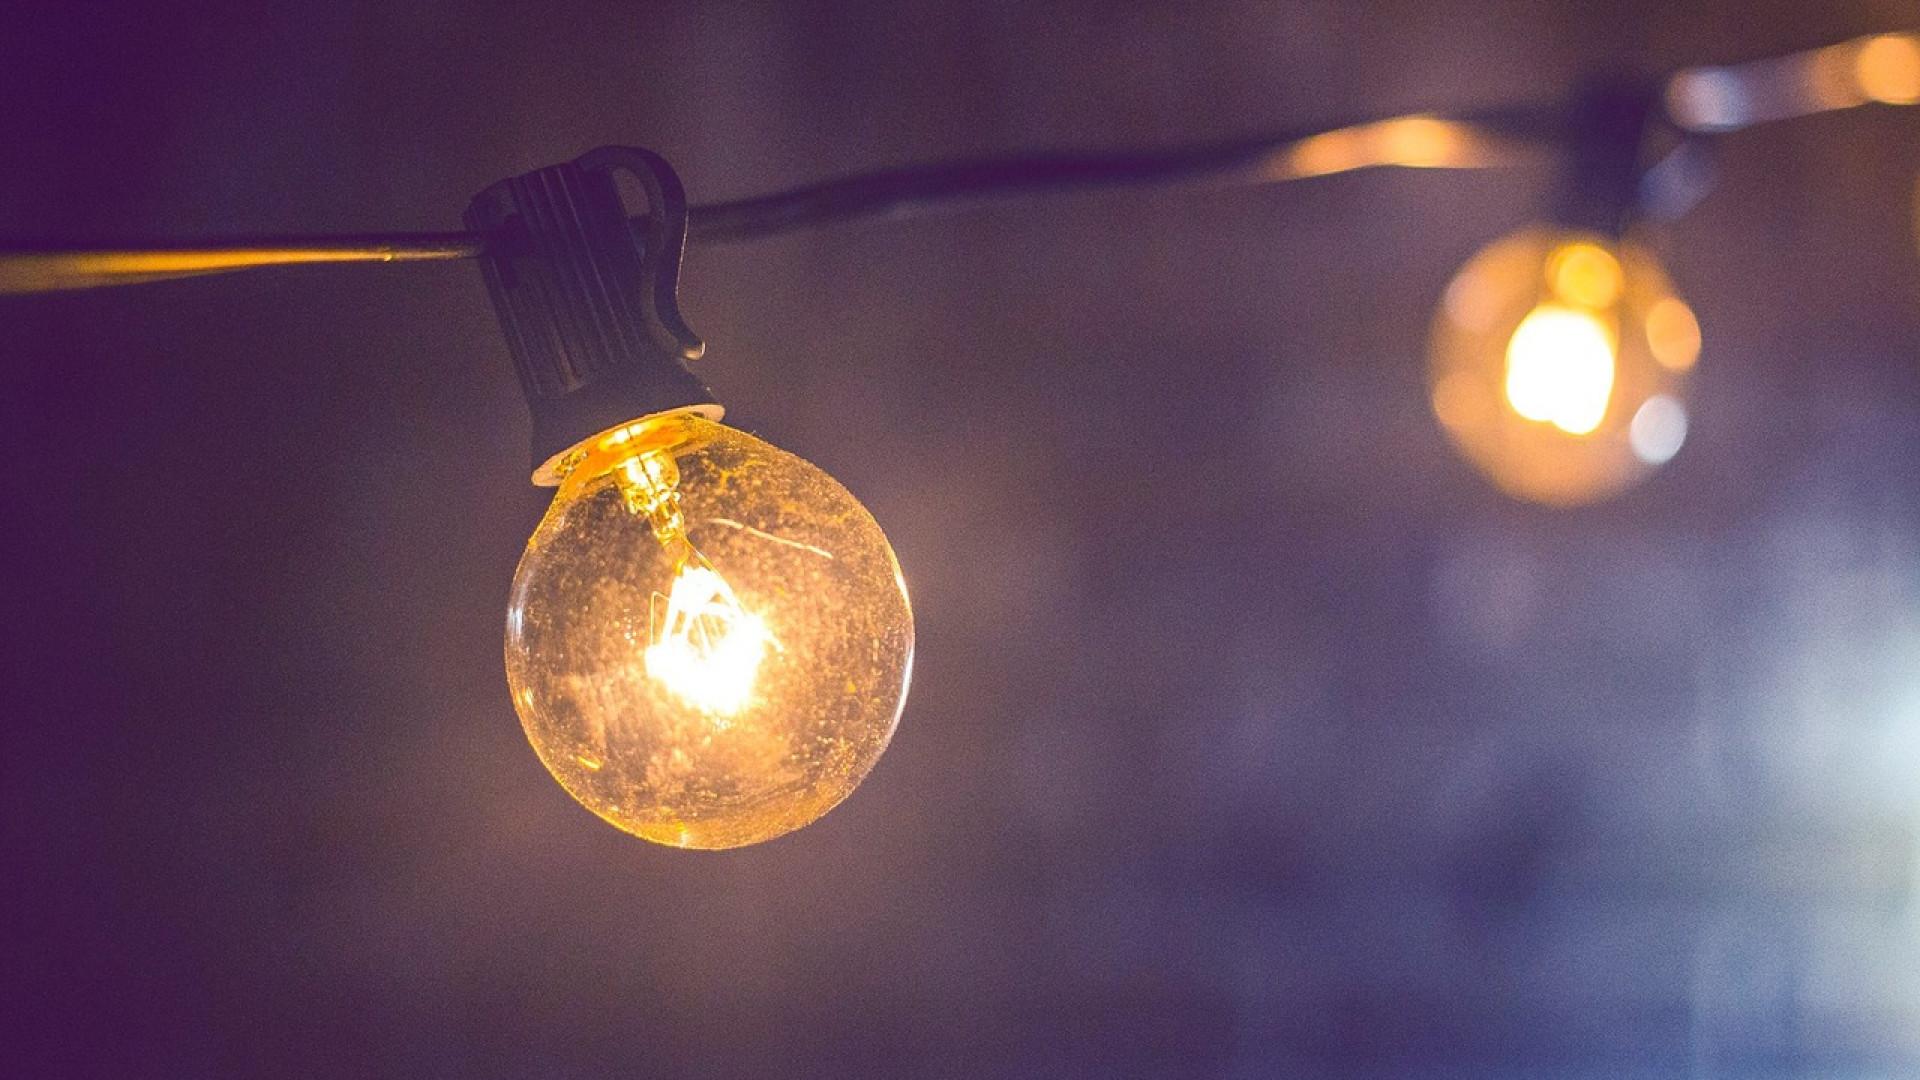 Le tarif réglementé pour l'électricité concerne aussi les entreprises